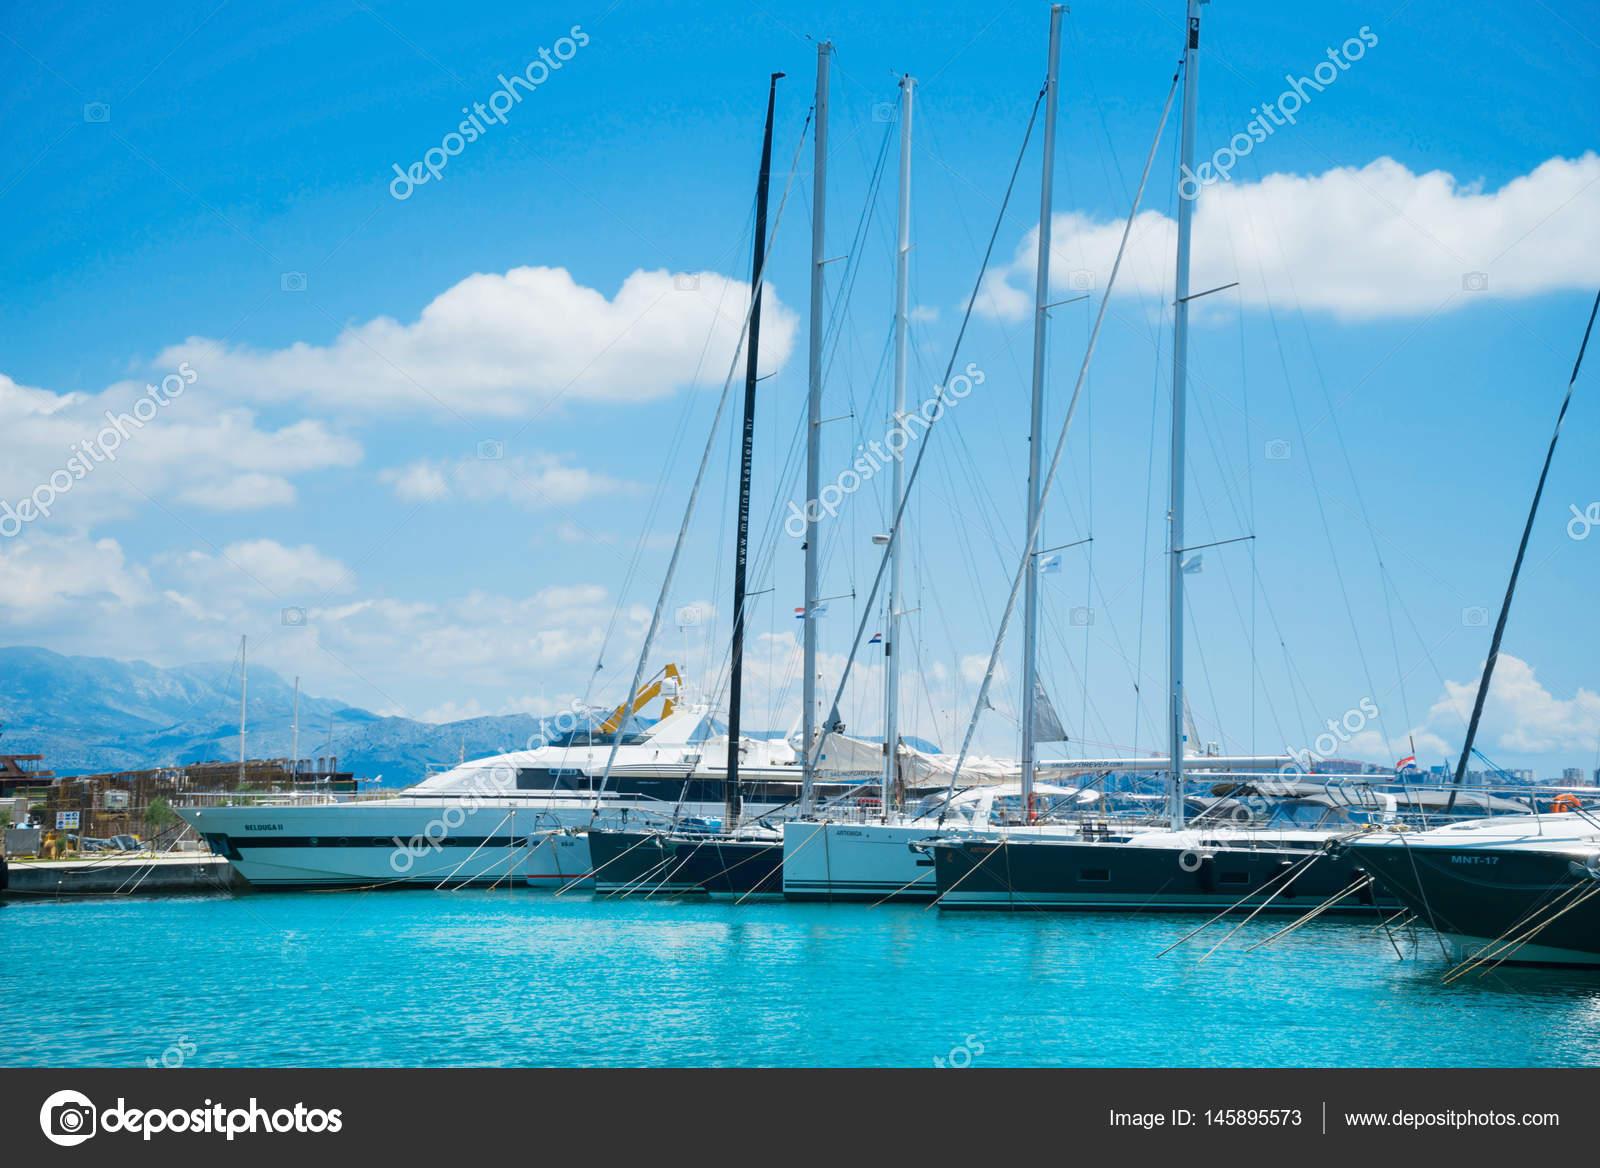 Yachten luxus  schöne Luxus-Yachten — Redaktionelles Stockfoto © shmeljov #145895573